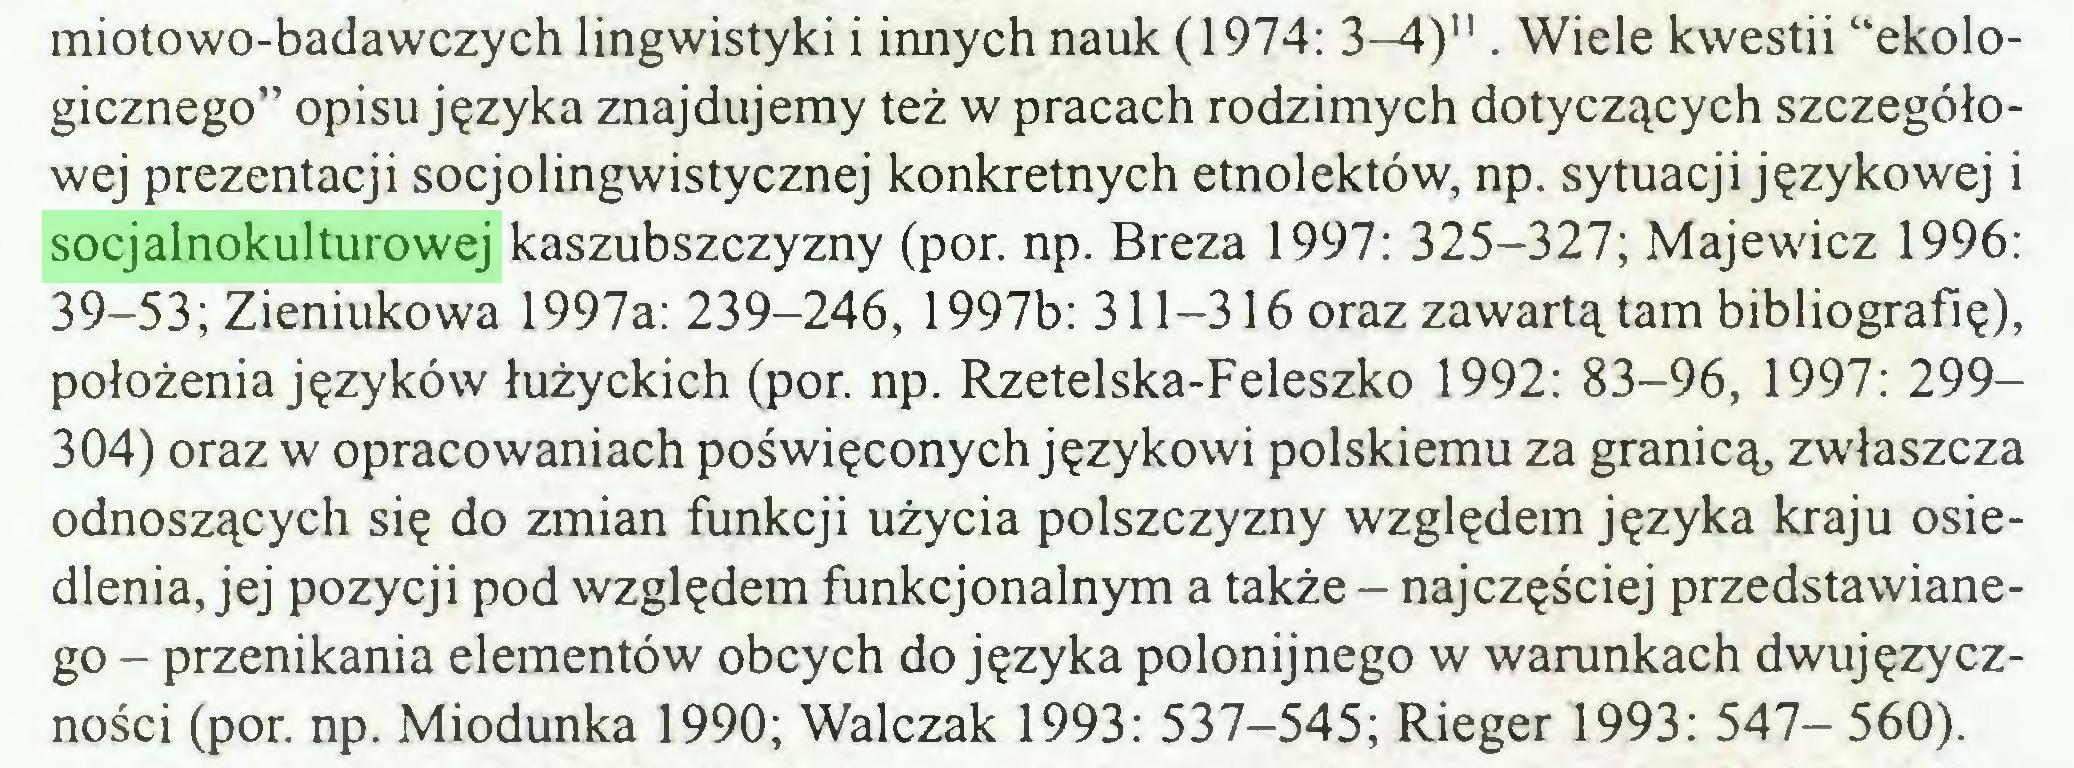 """(...) miotowo-badawczych lingwistyki i innych nauk (1974: 3—4)"""" . Wiele kwestii """"ekologicznego"""" opisu języka znajdujemy też w pracach rodzimych dotyczących szczegółowej prezentacji socjolingwistycznej konkretnych etnolektów, np. sytuacji językowej i socjalnokulturowej kaszubszczyzny (por. np. Breza 1997: 325-327; Majewicz 1996: 39-53; Zieniukowa 1997a: 239-246, 1997b: 311-316 oraz zawartą tam bibliografię), położenia języków łużyckich (por. np. Rzetelska-Feleszko 1992: 83-96, 1997: 299304) oraz w opracowaniach poświęconych językowi polskiemu za granicą, zwłaszcza odnoszących się do zmian funkcji użycia polszczyzny względem języka kraju osiedlenia, jej pozycji pod względem funkcjonalnym a także - najczęściej przedstawianego - przenikania elementów obcych do języka polonijnego w warunkach dwujęzyczności (por. np. Miodunka 1990; Walczak 1993: 537-545; Rieger 1993: 547- 560)..."""